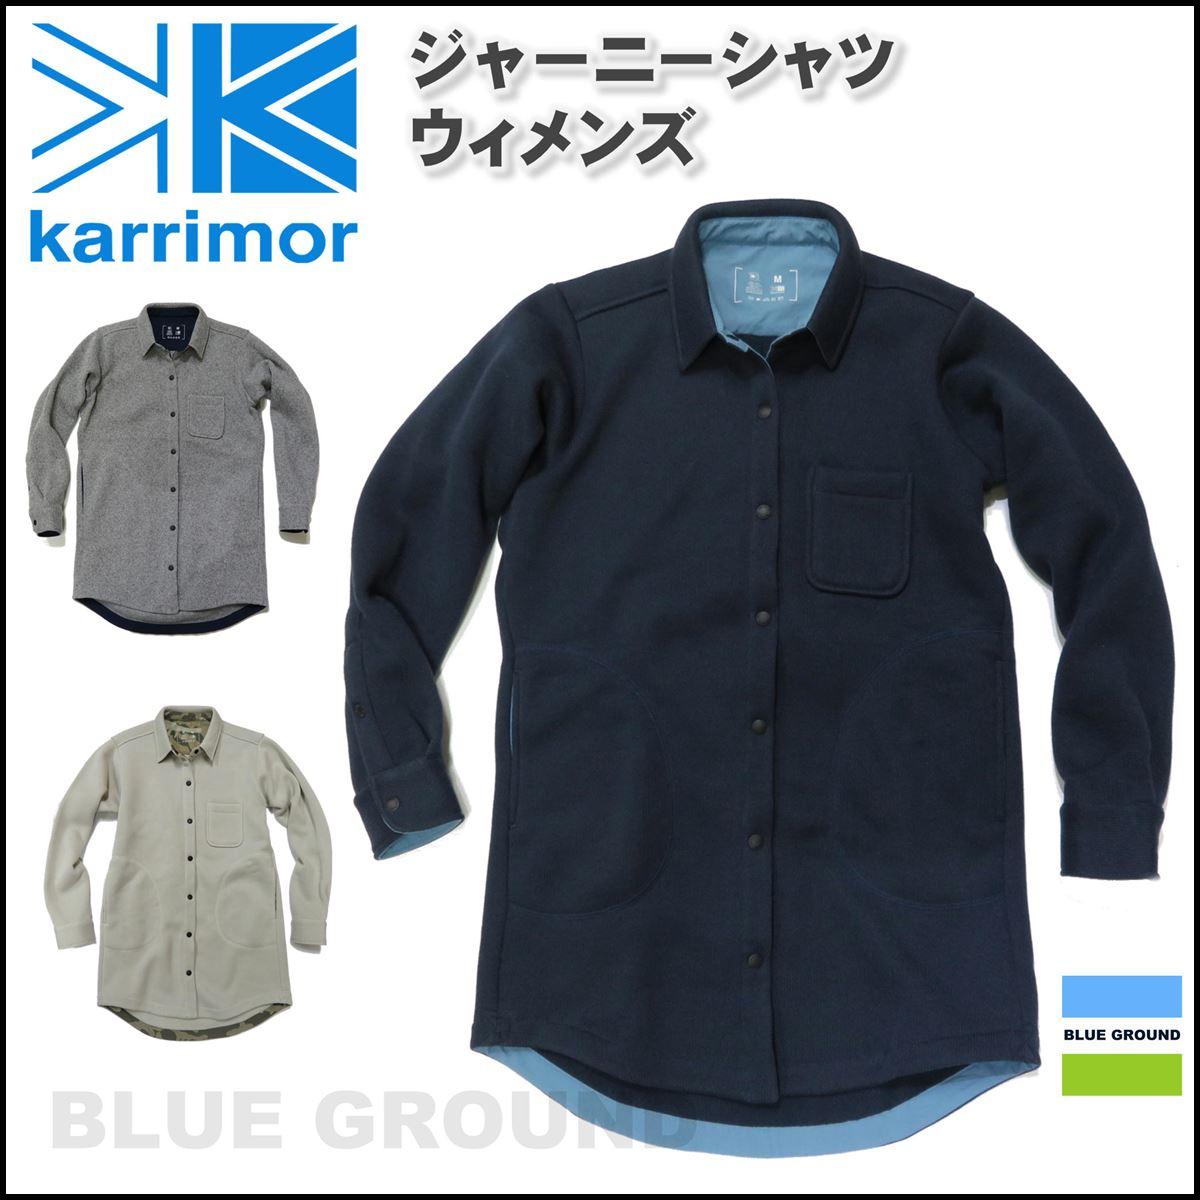 セール10%オフ カリマー/ジャーニーシャツ レディース